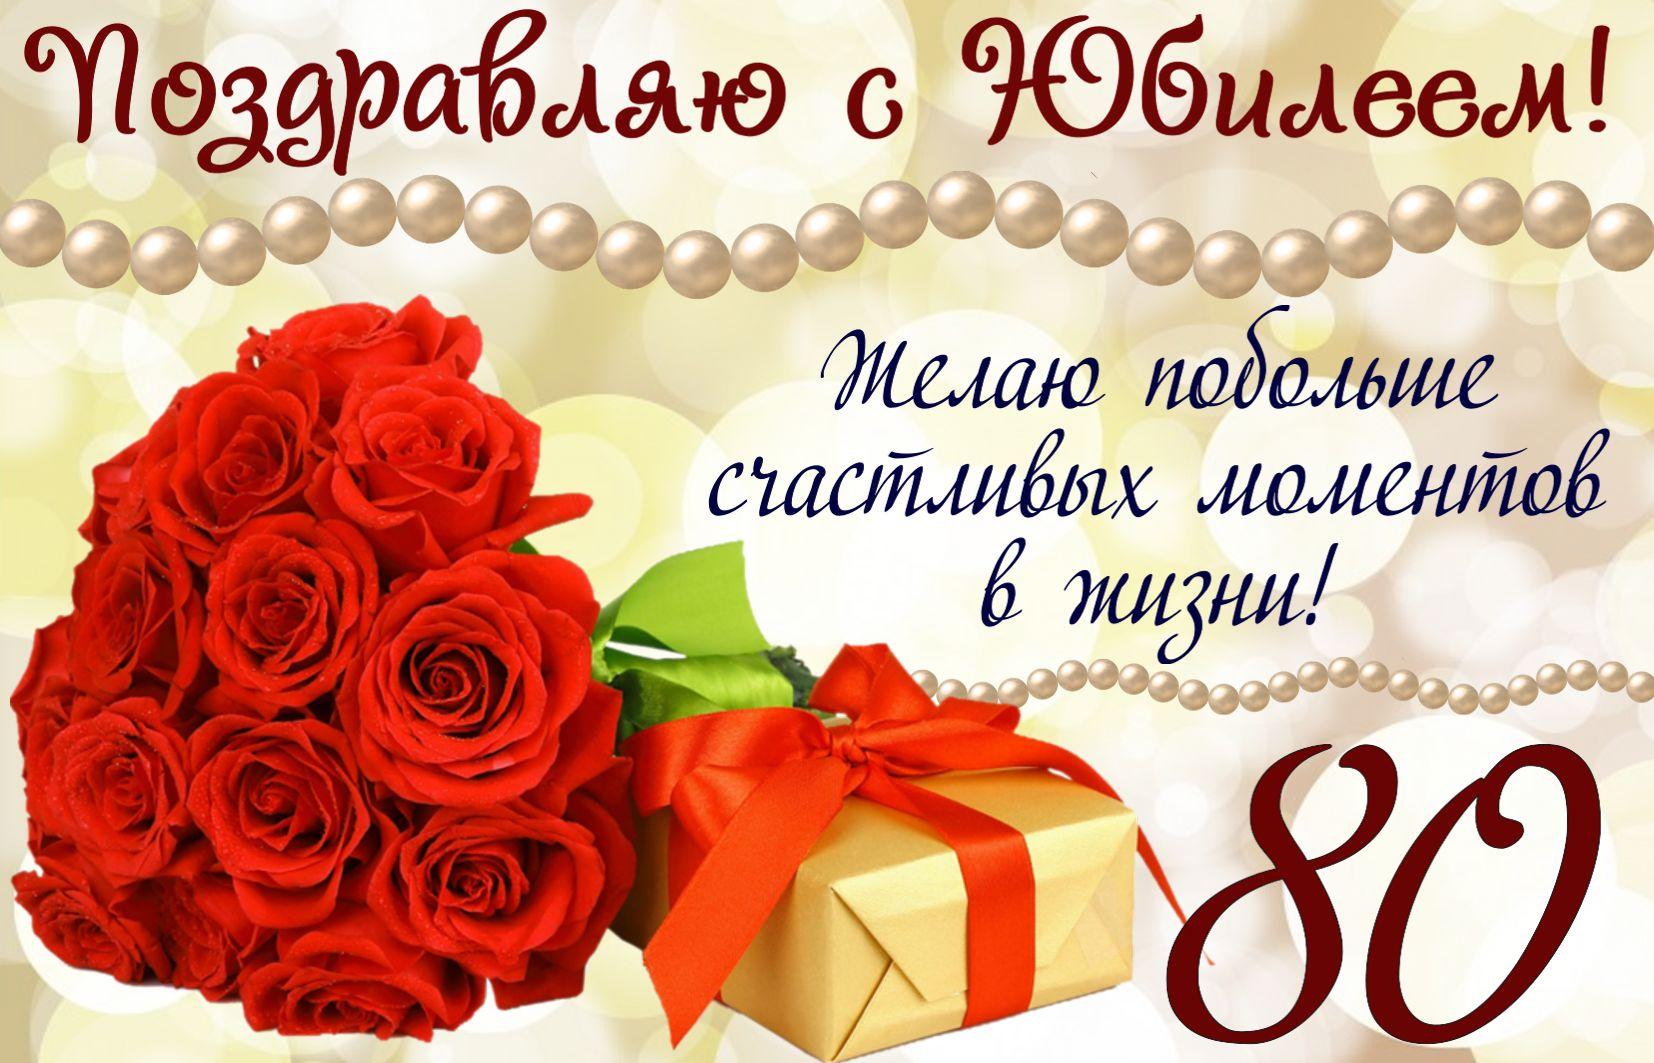 Открытка с розами и подарком к юбилею 80 лет